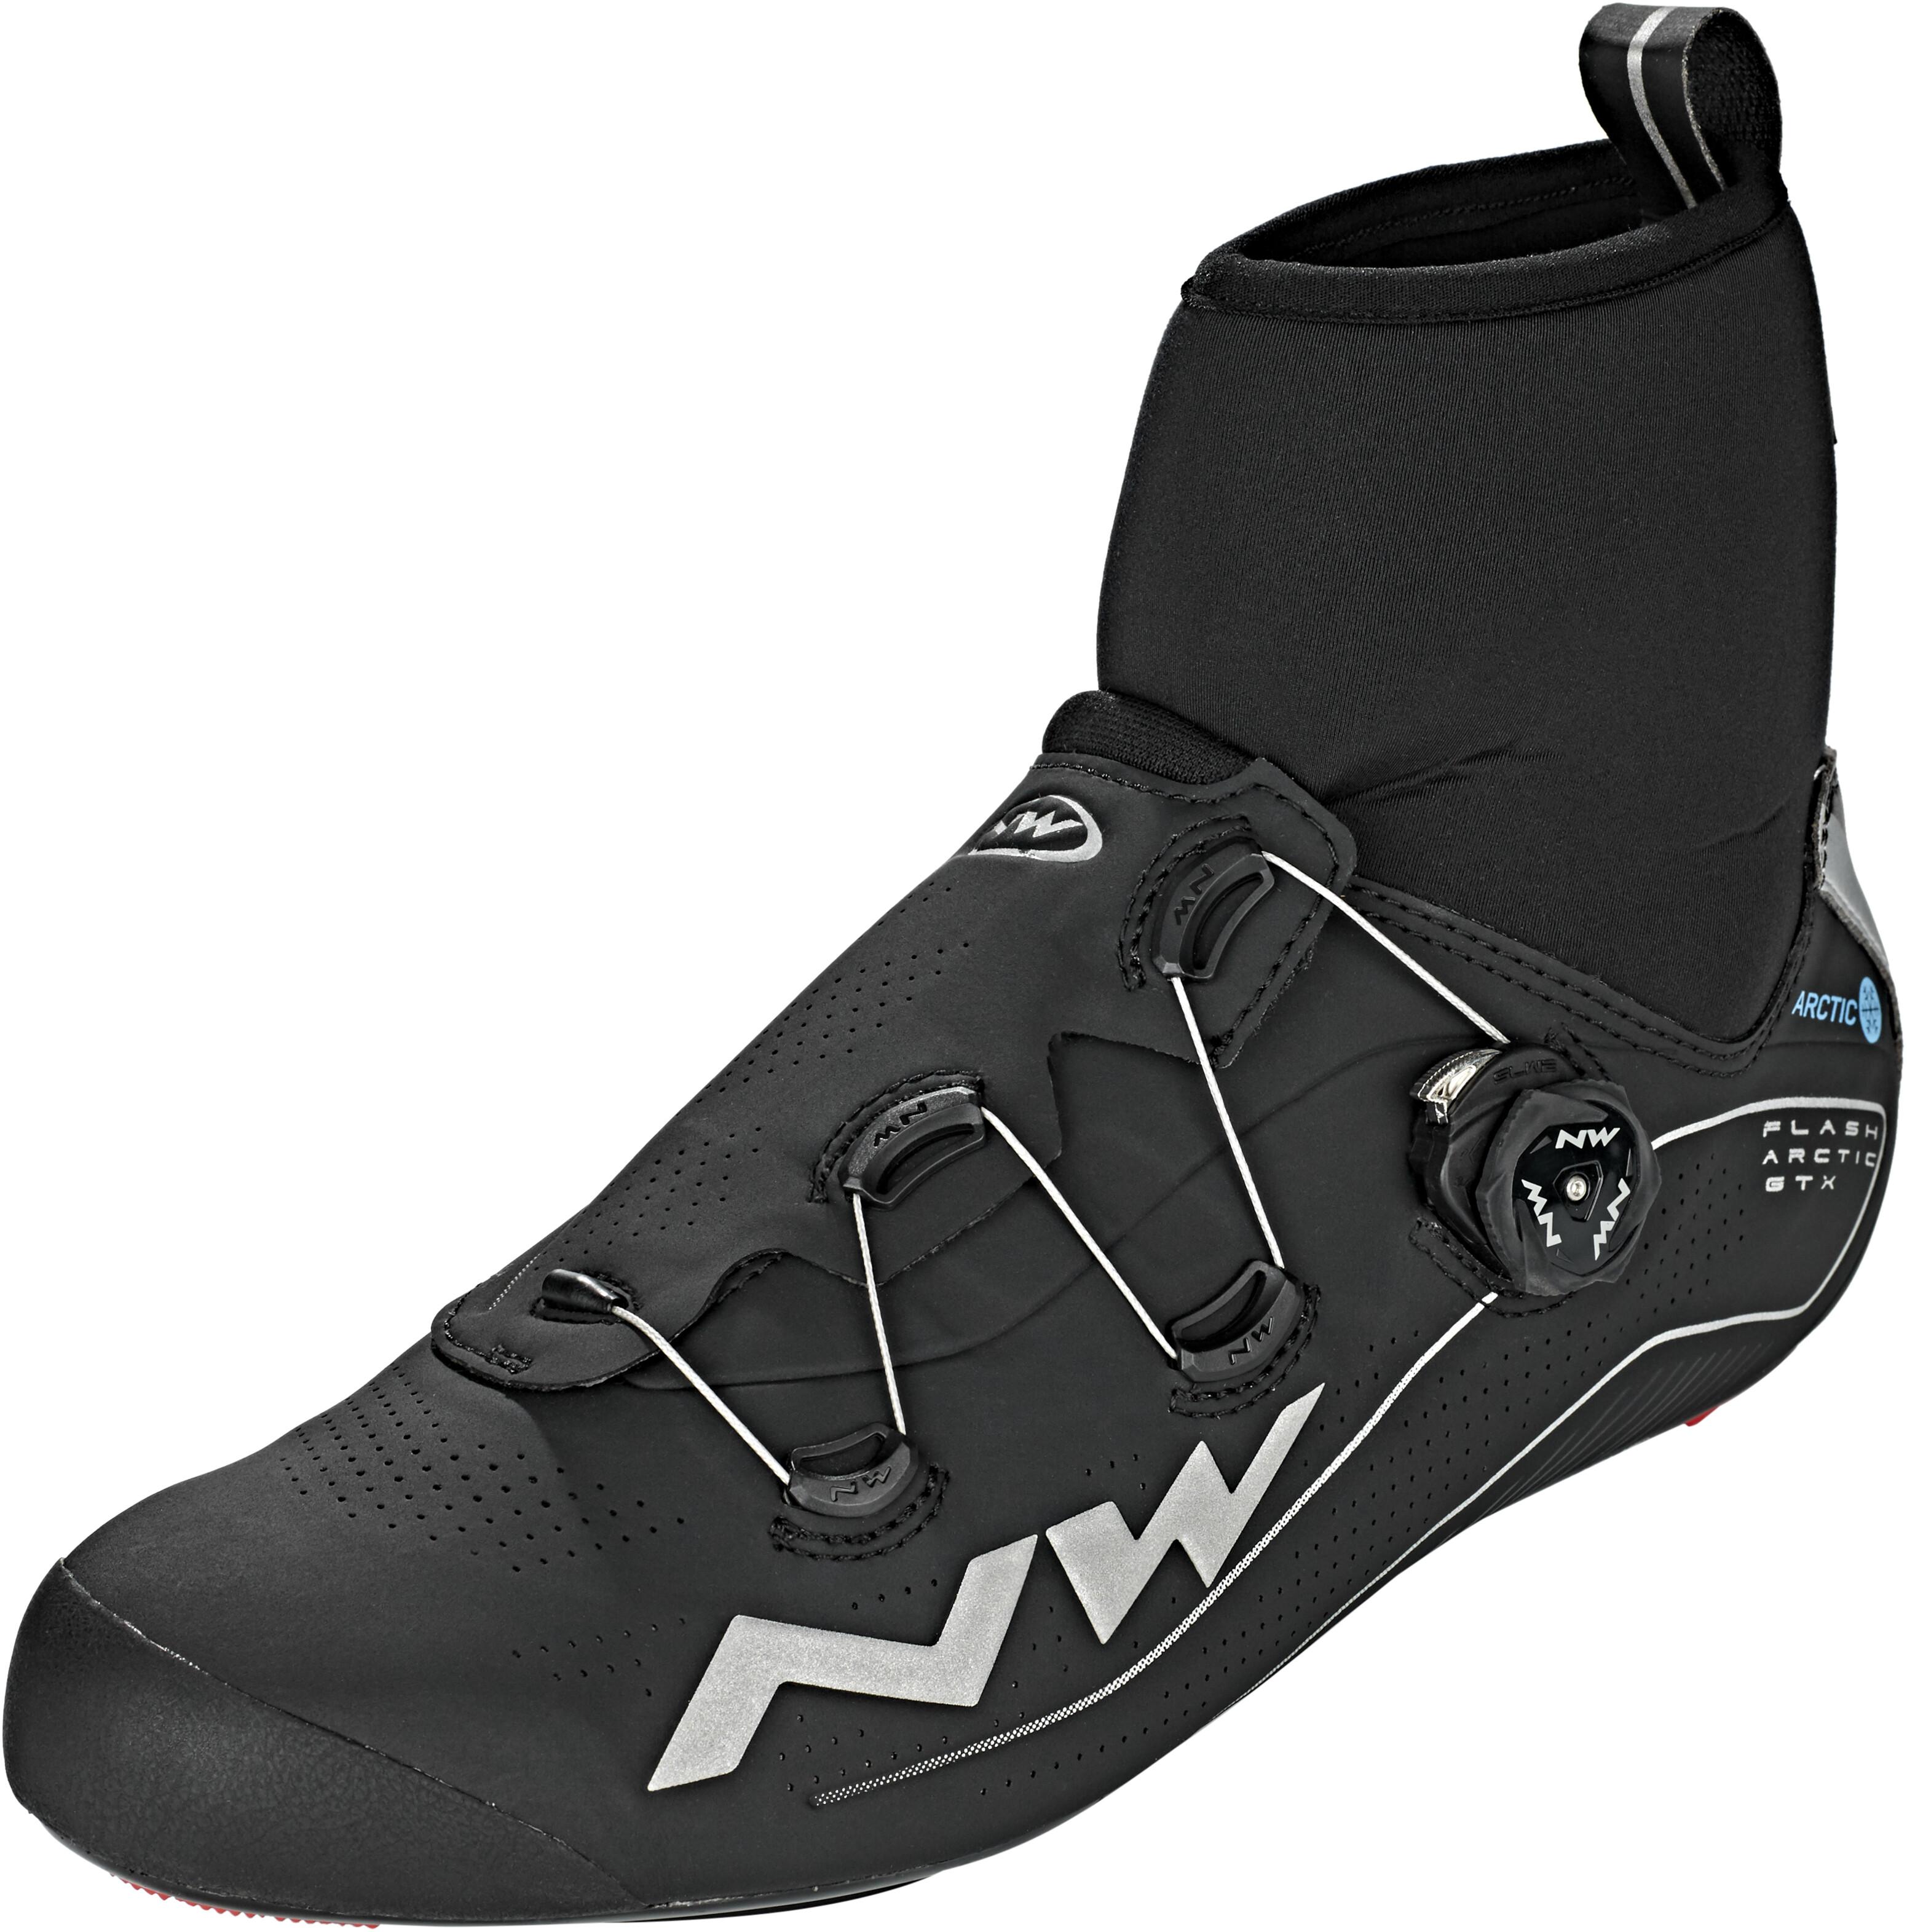 calidad asombrosa el mejor precios de remate Northwave Flash Arctic GTX Zapatillas de carretera Hombre, black